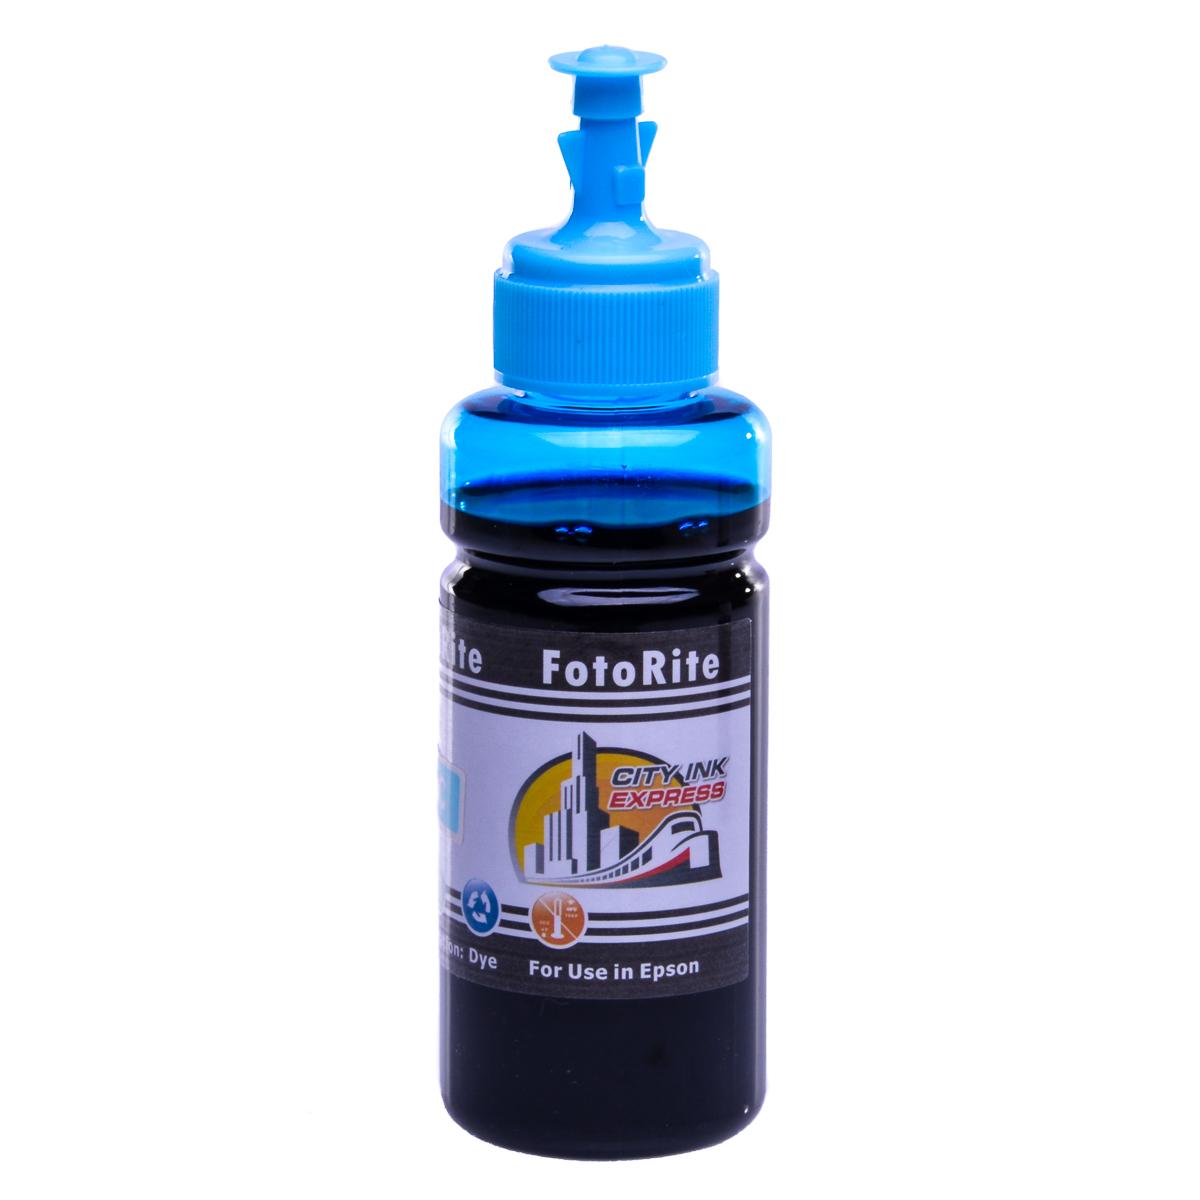 Cheap Light Cyan dye ink replaces Epson Stylus RX560 - T0805